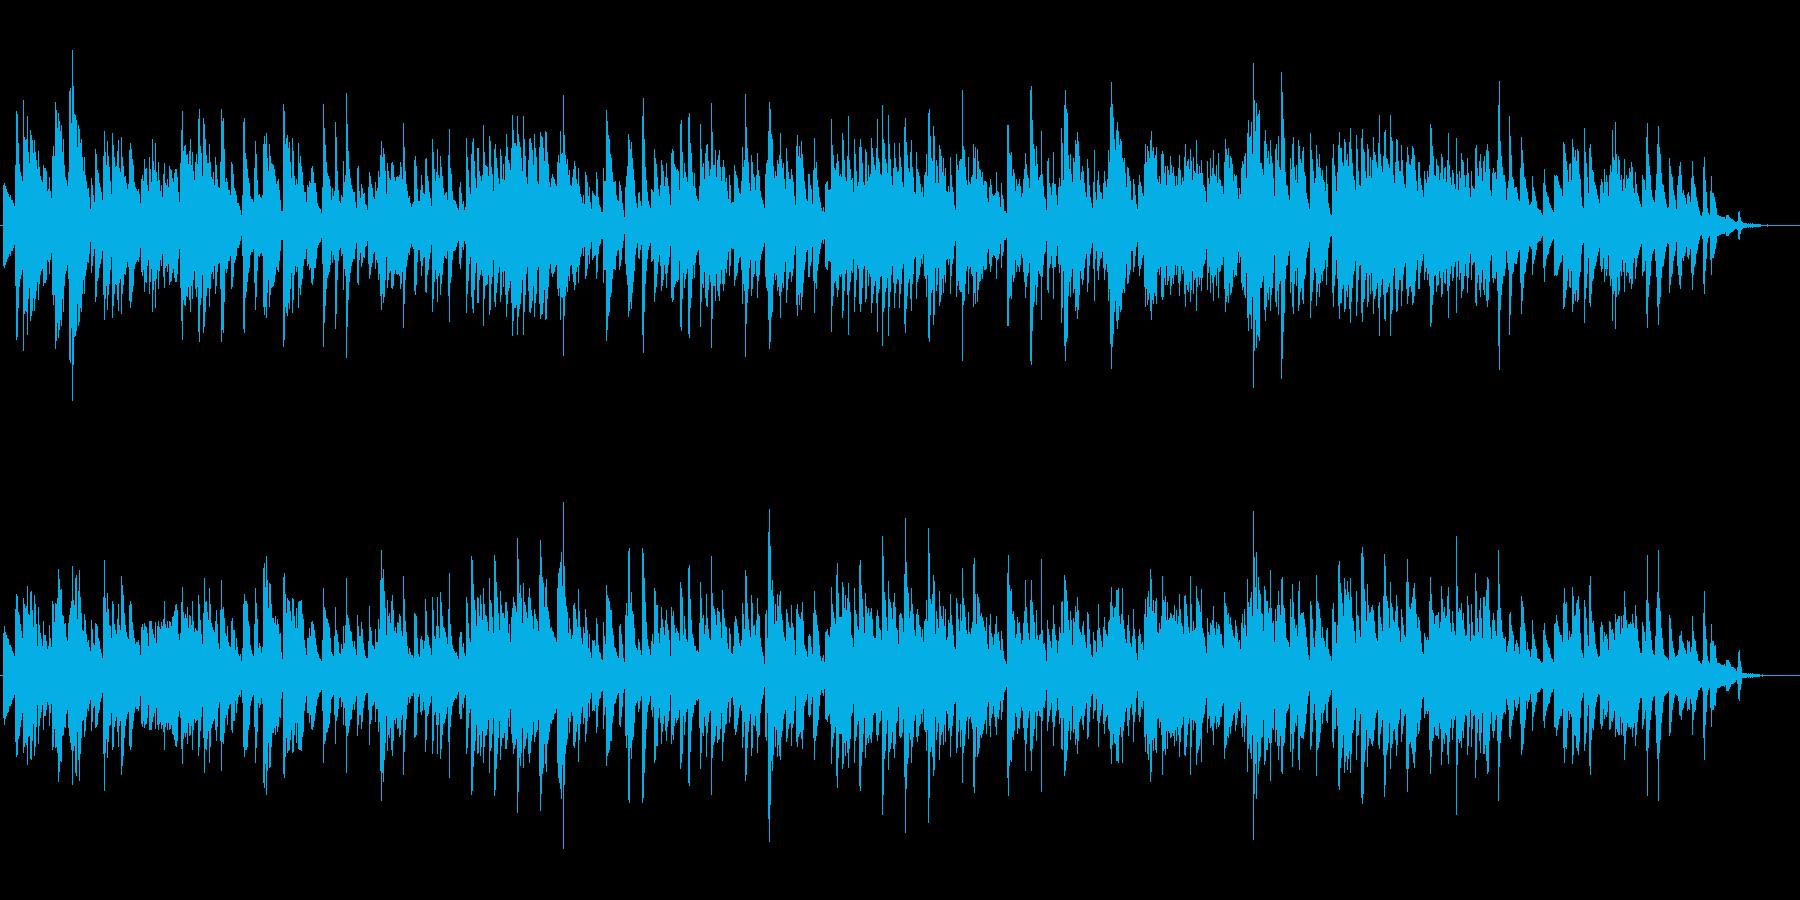 BARで流れる静かなJAZZの再生済みの波形